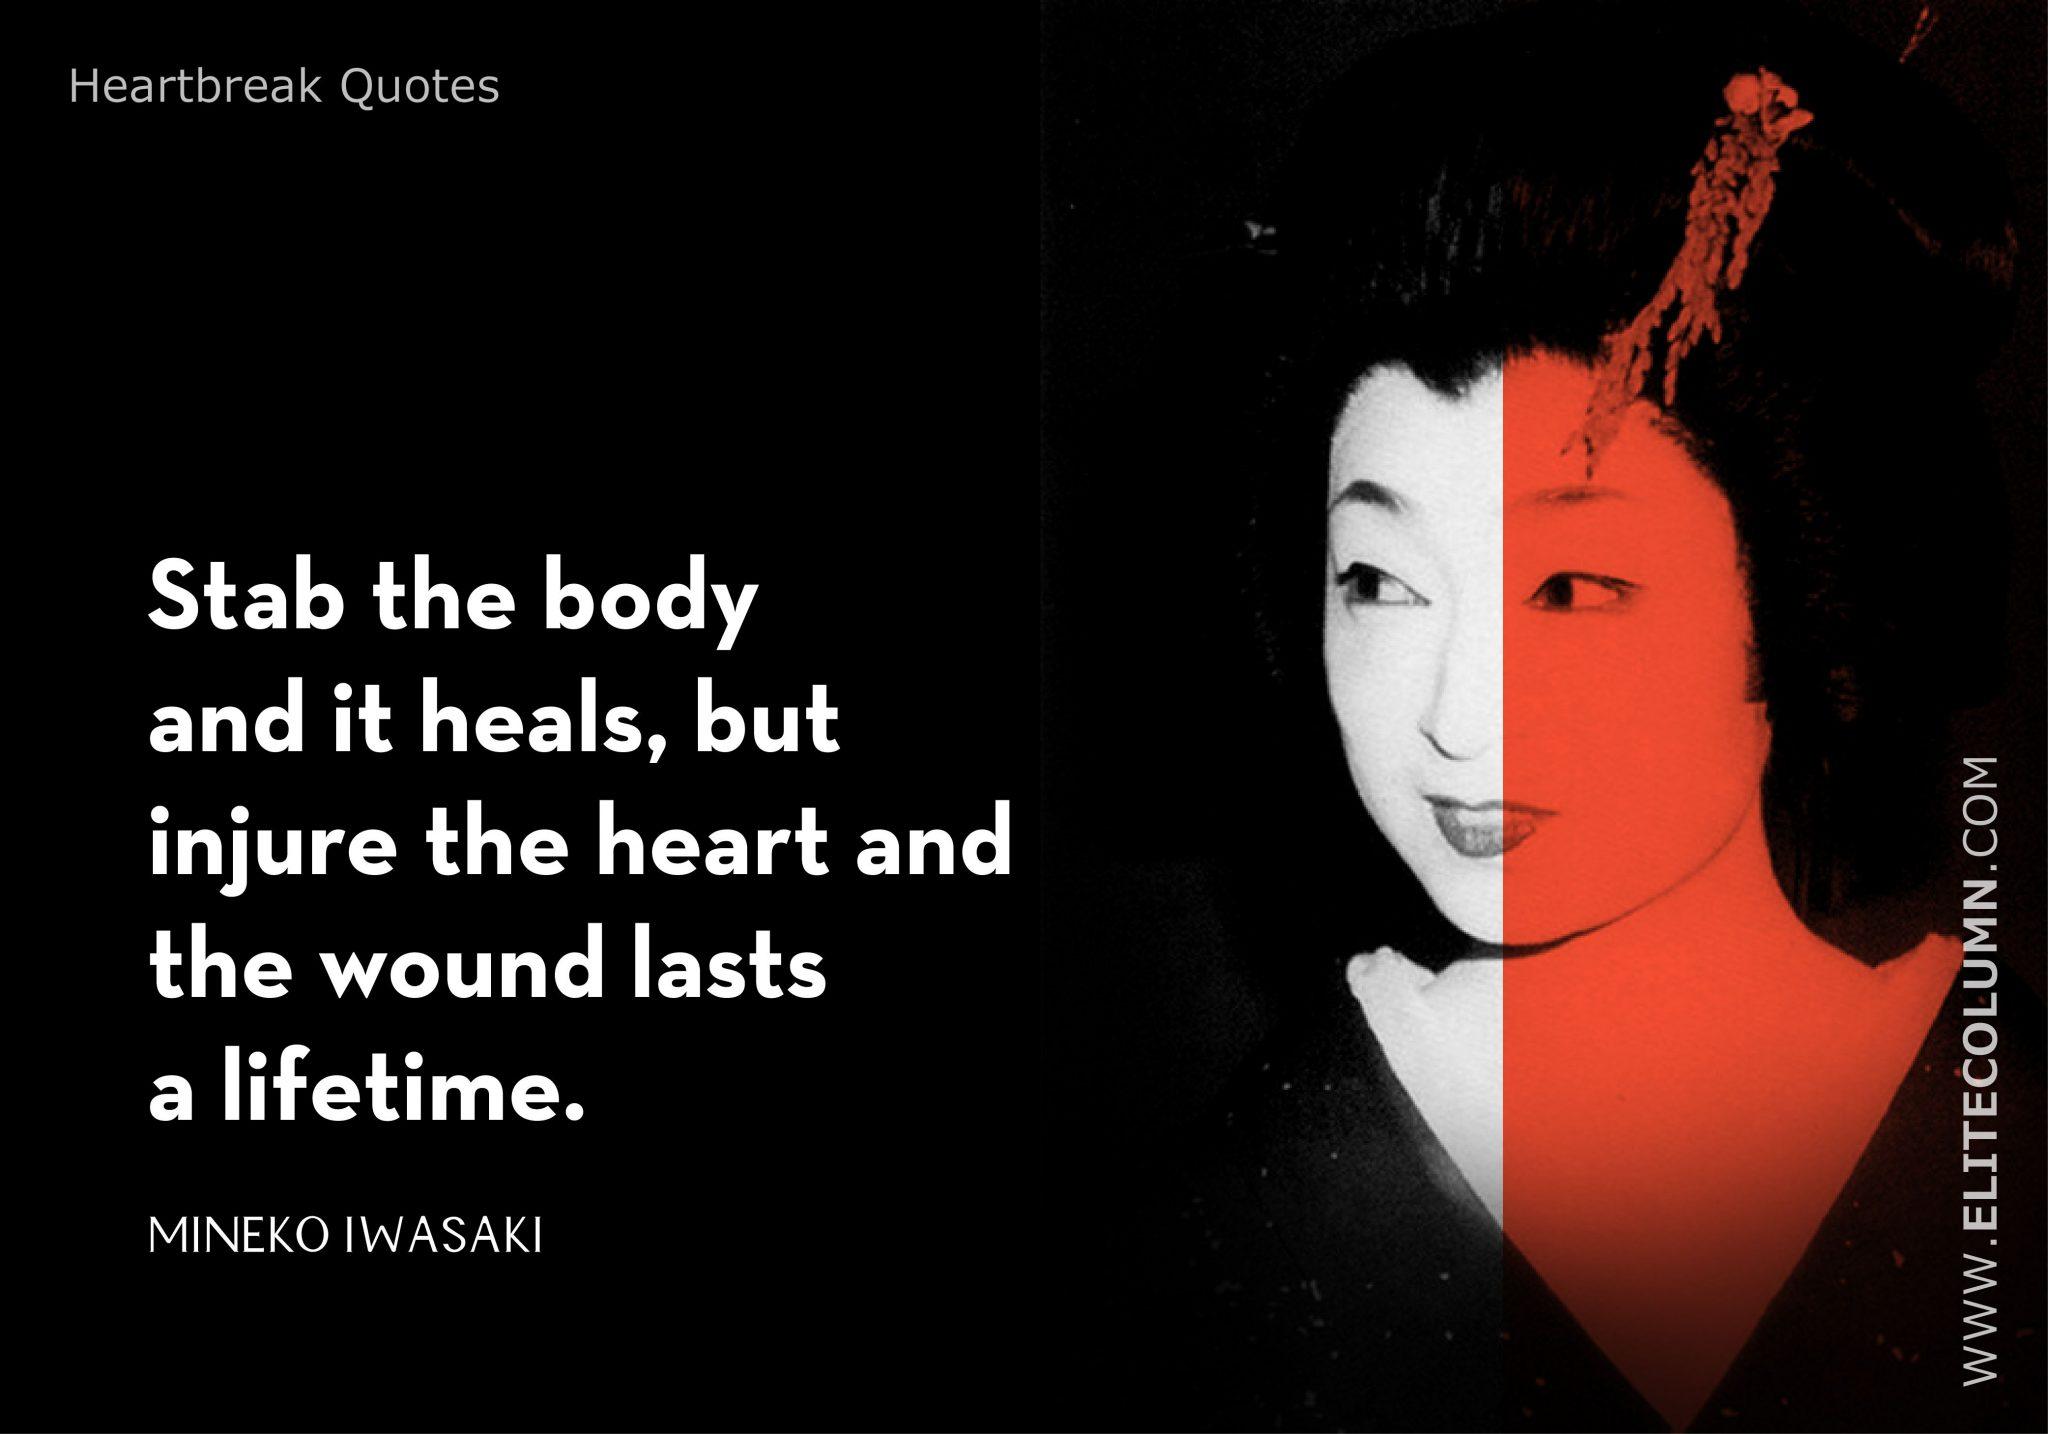 Heartbreak Quotes (9)